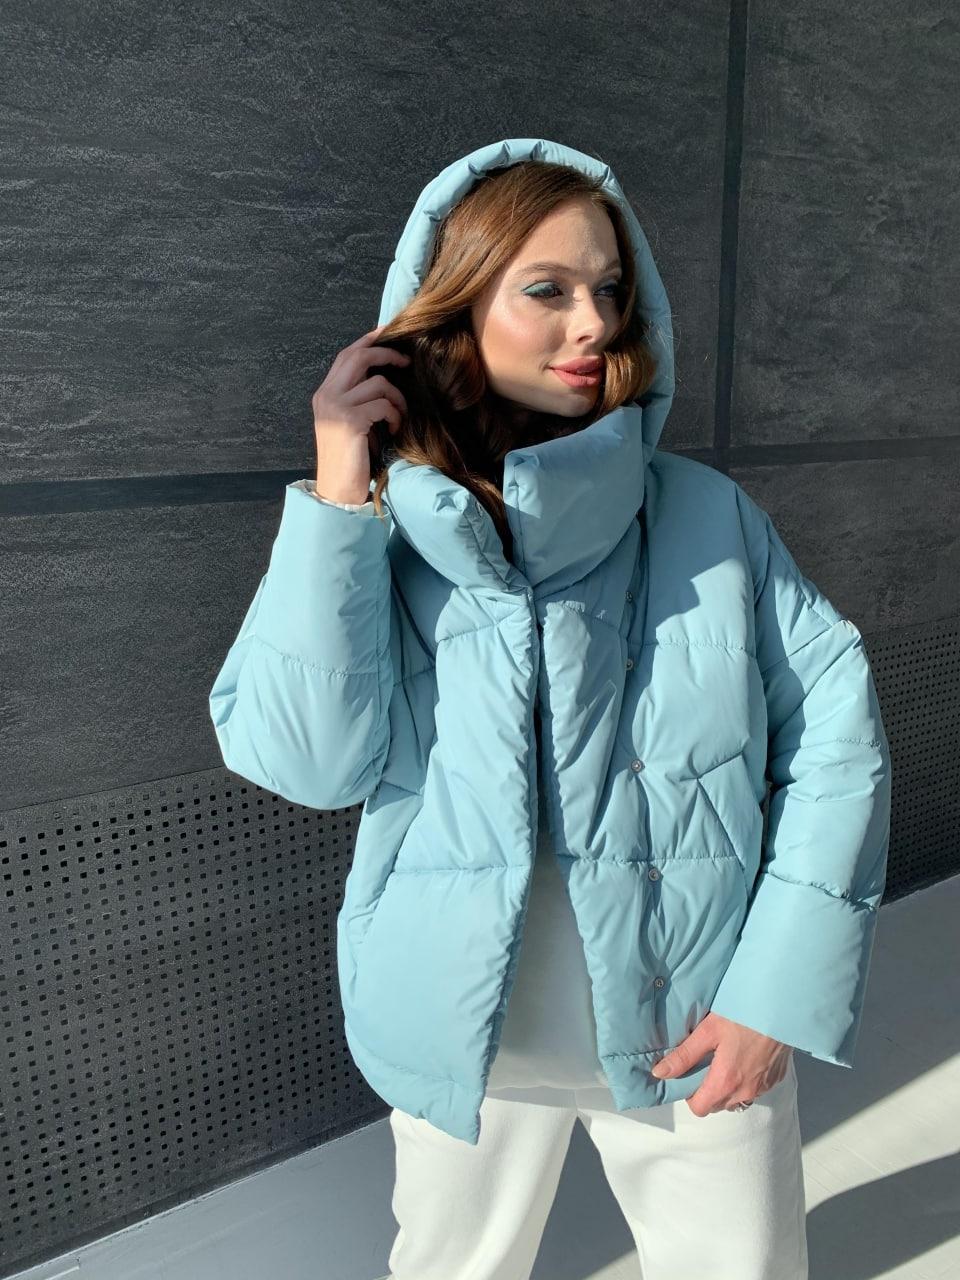 Уно short куртка из плащевой ткани Ammy 10927 АРТ. 47401 Цвет: Олива - фото 4, интернет магазин tm-modus.ru